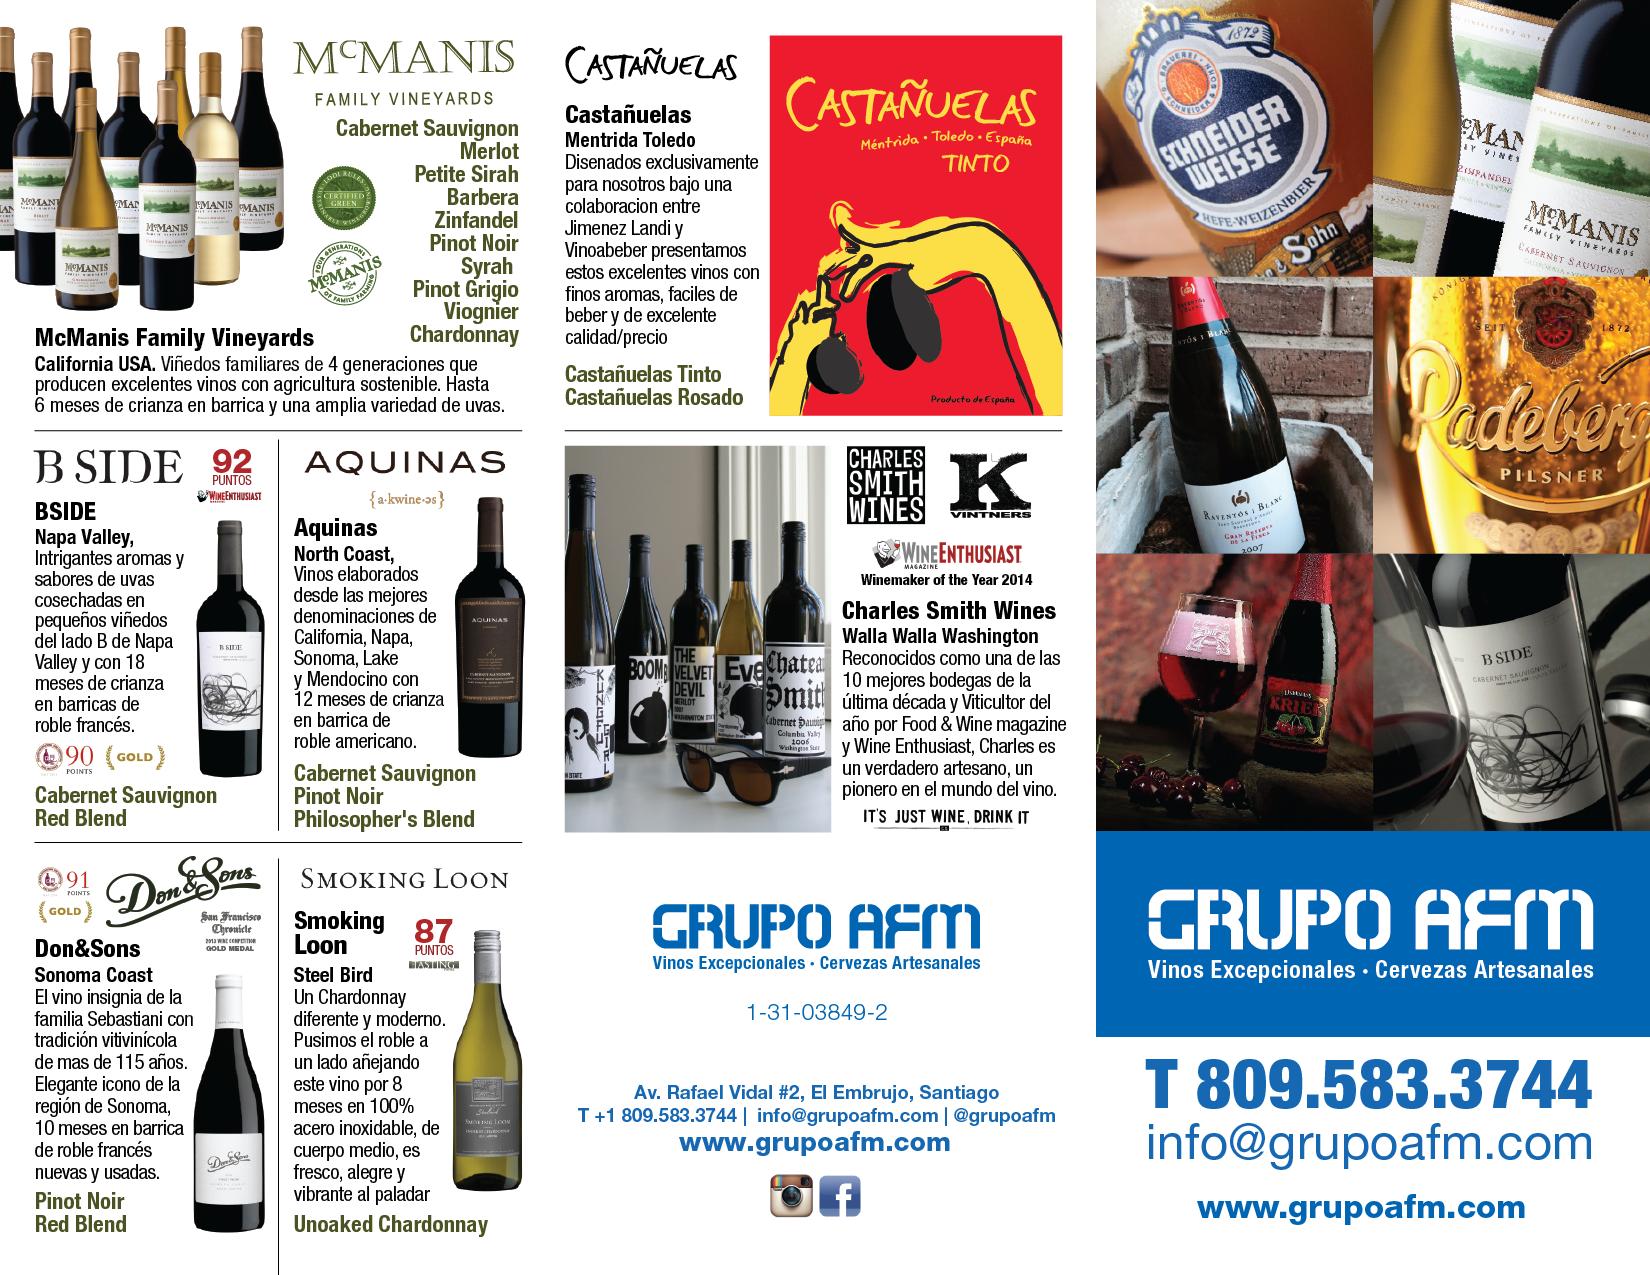 Somos Grupo AFM, empresa familiar que se dedica a la importación y distribución de de vinos, cervezas y materia prima para hacer cerveza en la República Dominicana, especializados en productos artesanales y de alta calidad.